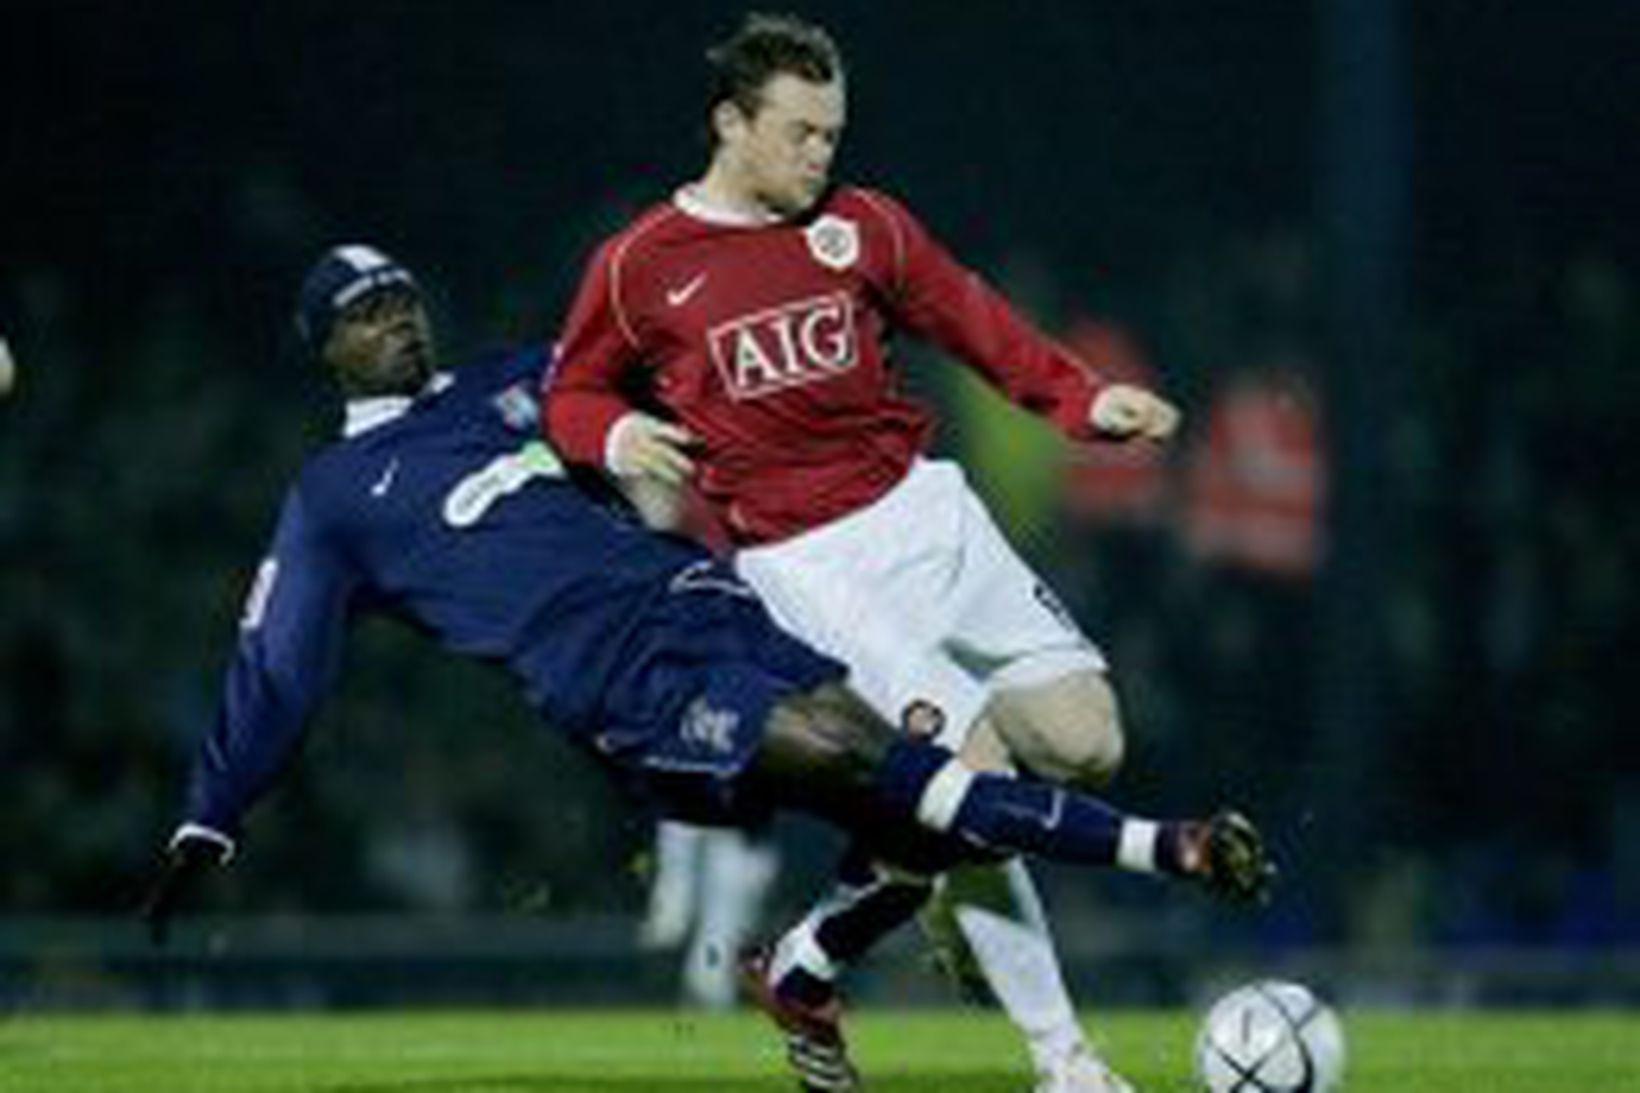 Wayne Rooney komst lítið áleiðis gegn sterkum varnarmönnum Southend í …